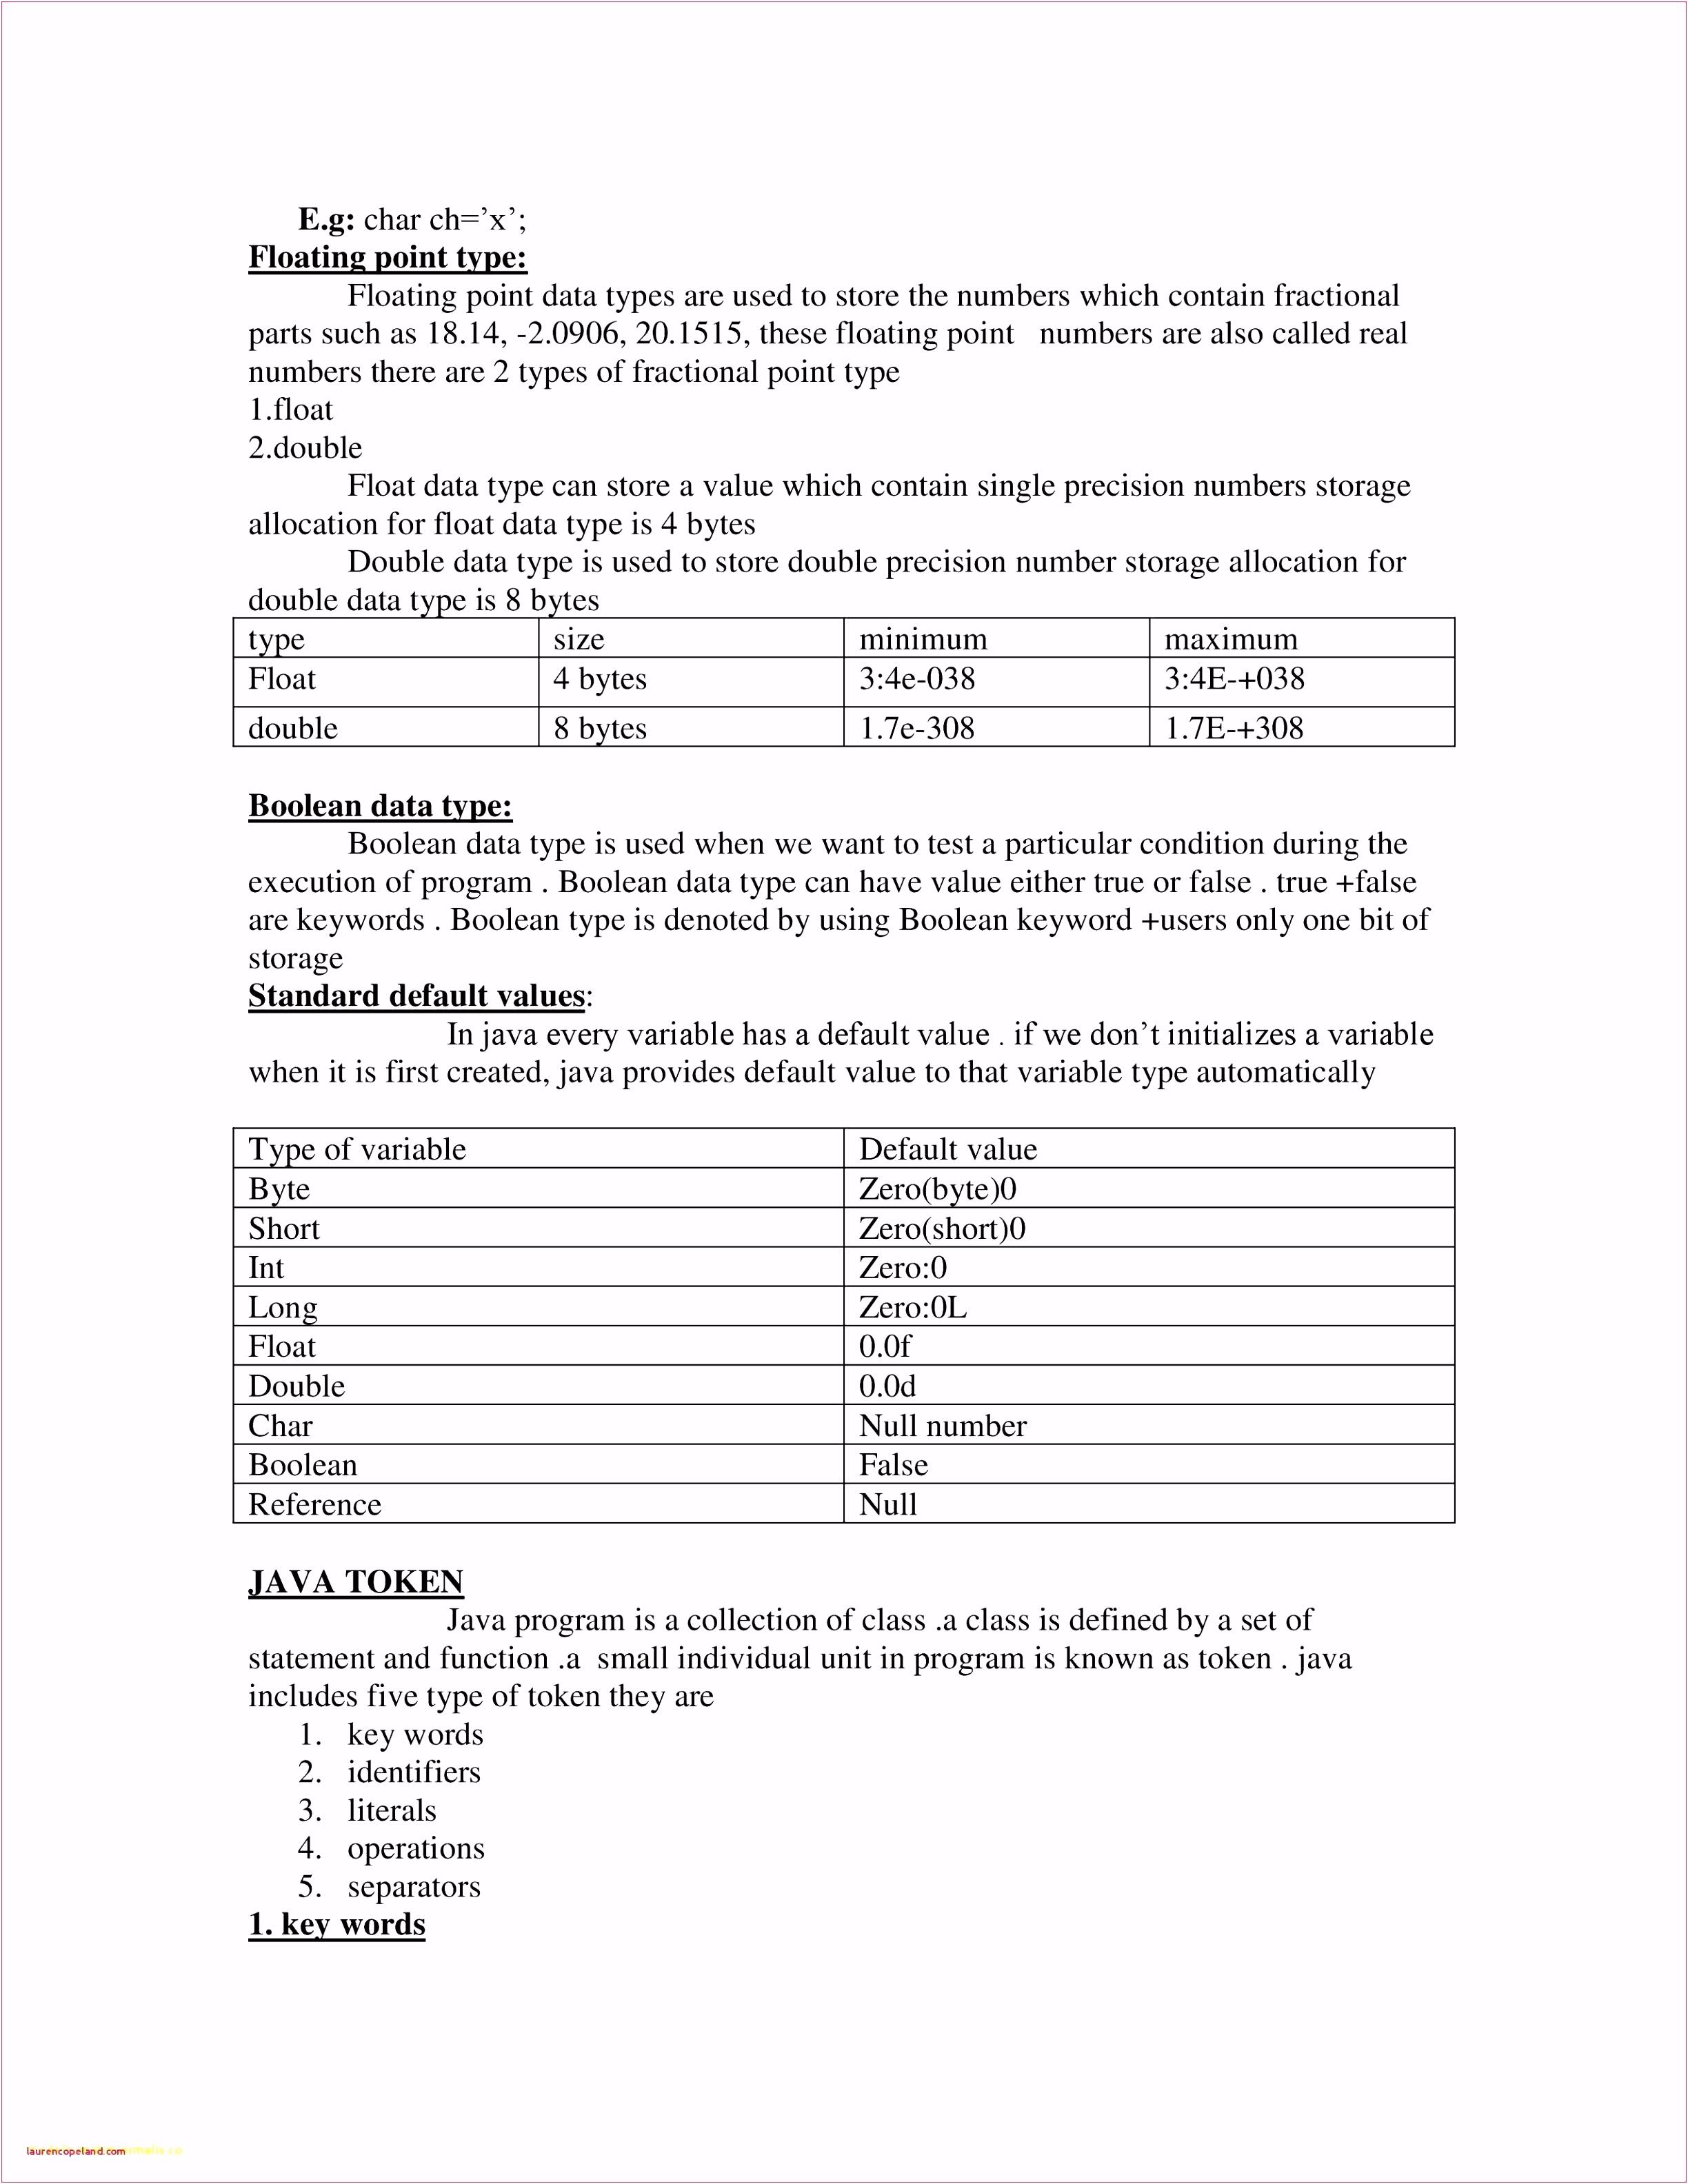 Kundigung Offentlicher Dienst Vorlage 15 Kündigung Schreiben Versicherung Konventionellkreativ Kundigung W6vk10ter8 H4svmubai5